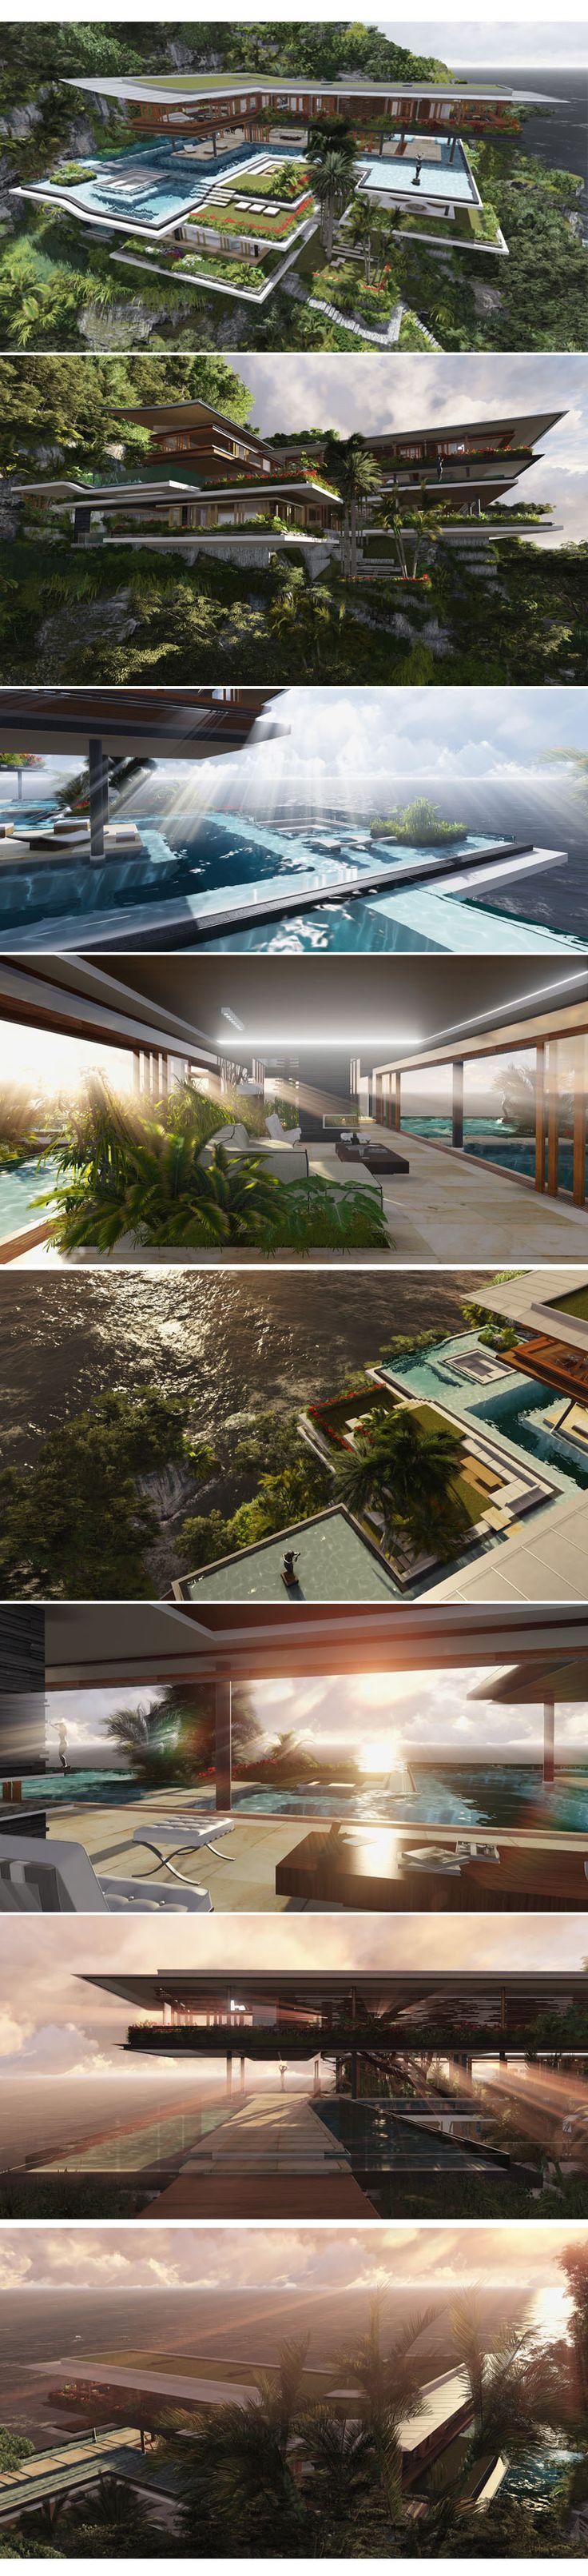 Xálima Island House by Martin Ferrero Architecture jetzt neu! ->. . . . . der Blog für den Gentleman.viele interessante Beiträge  - www.thegentlemanclub.de/blog